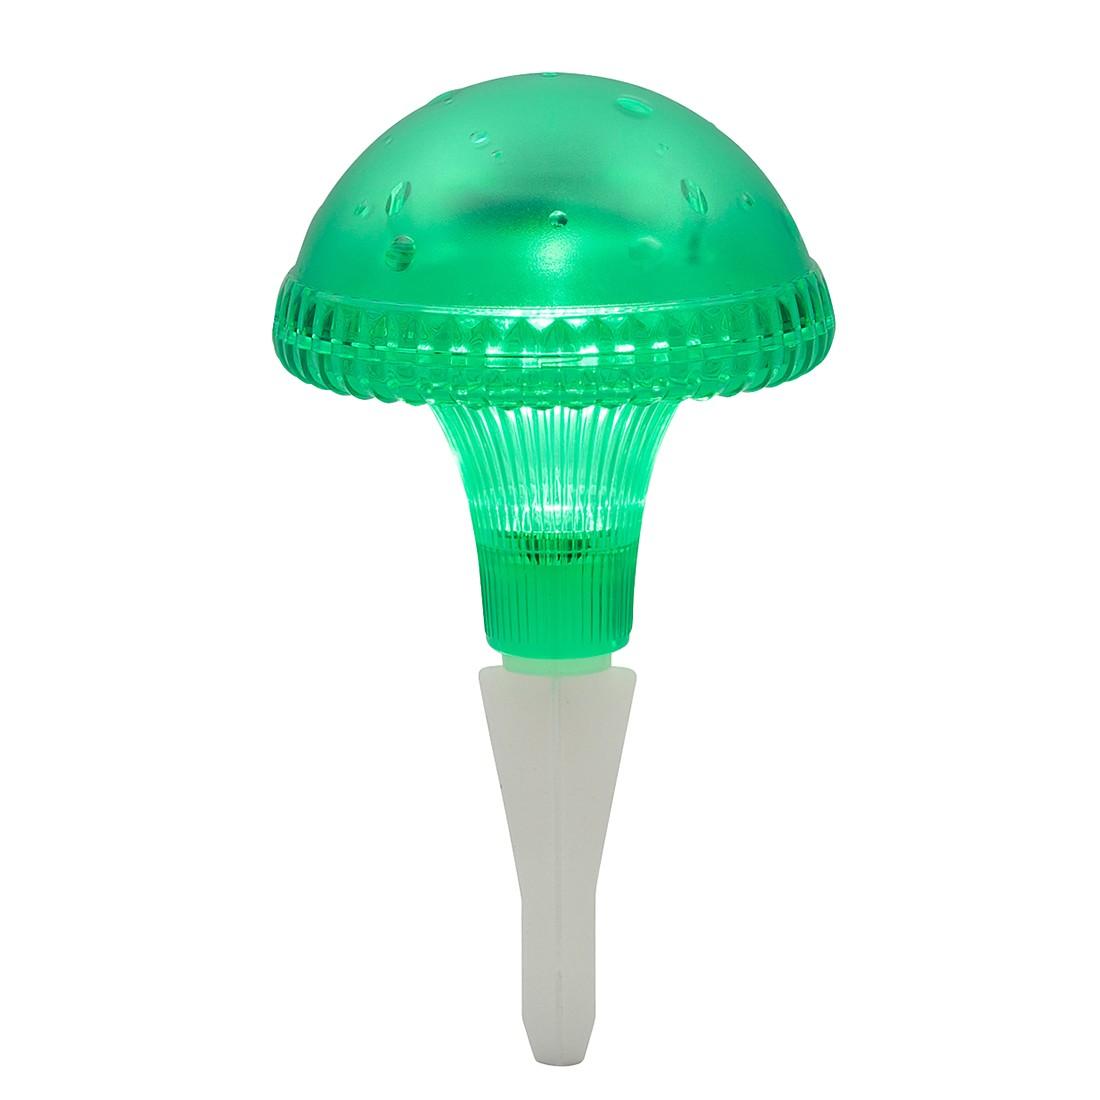 LED-Außenleuchte Assisi Pilz ● Kunststoff ● 1-flammig ● Grün- Konstsmide A+